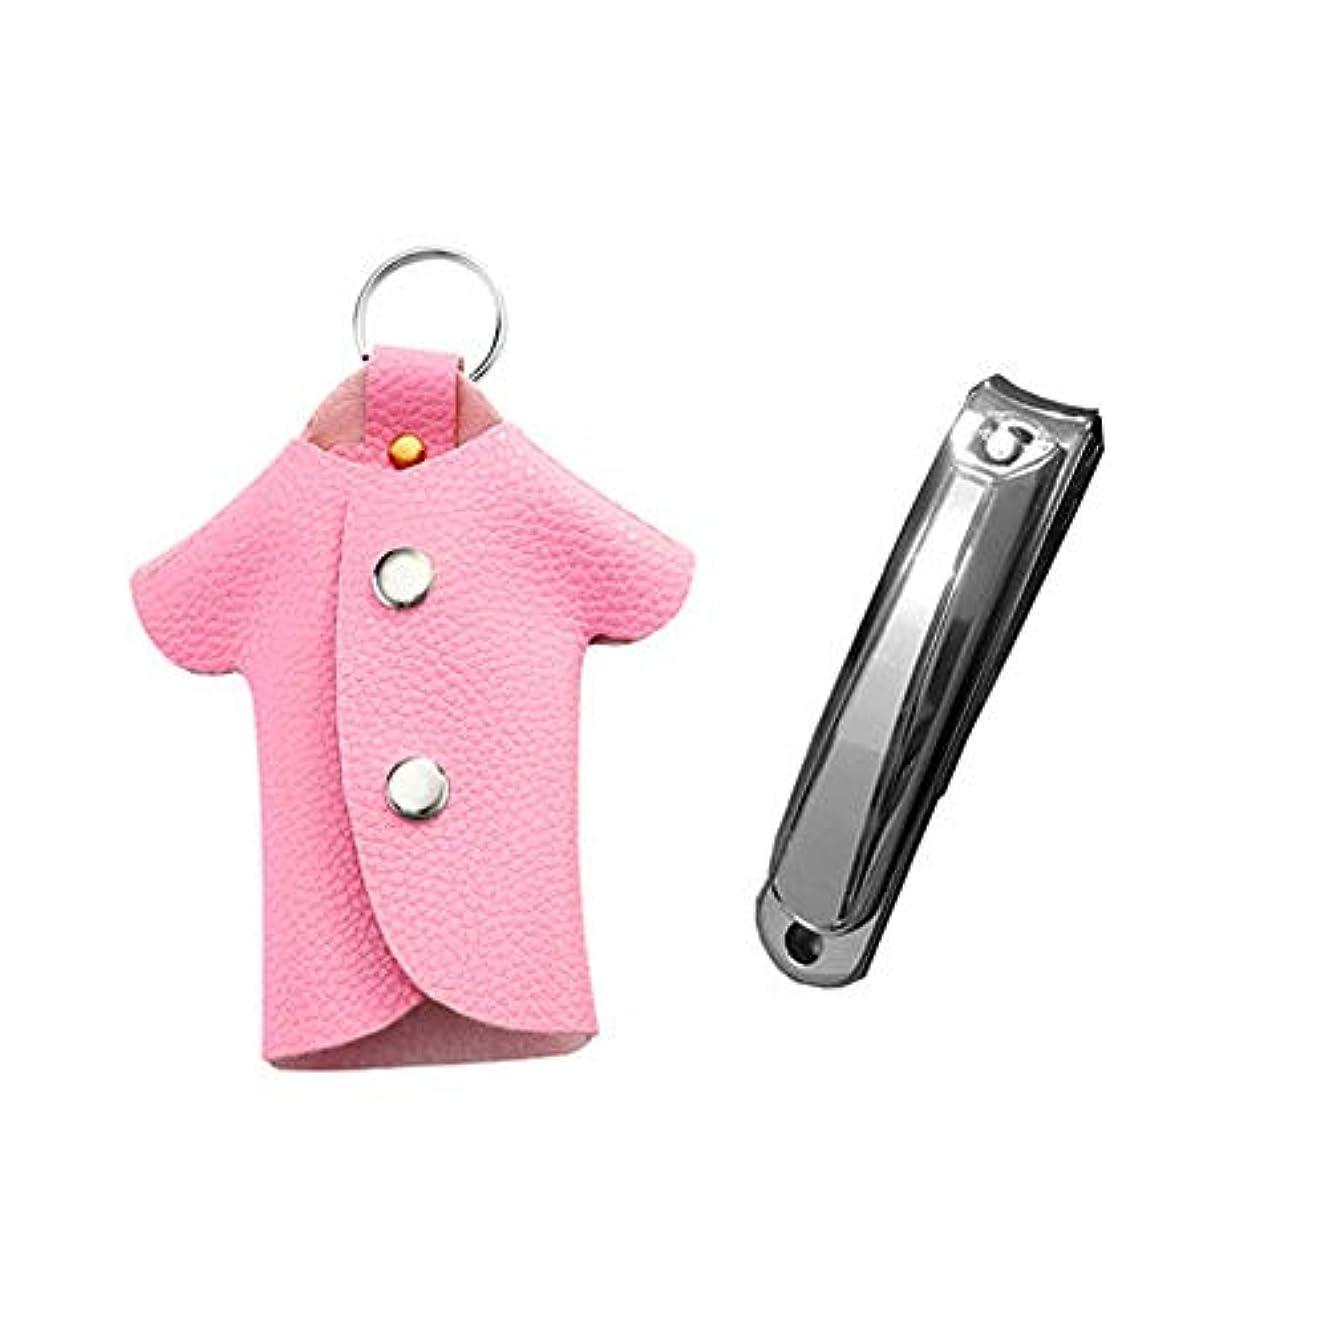 ペレグリネーション放映省略するかわいい爪切りクリエイティブ爪切り男女兼用爪切り、ピンク